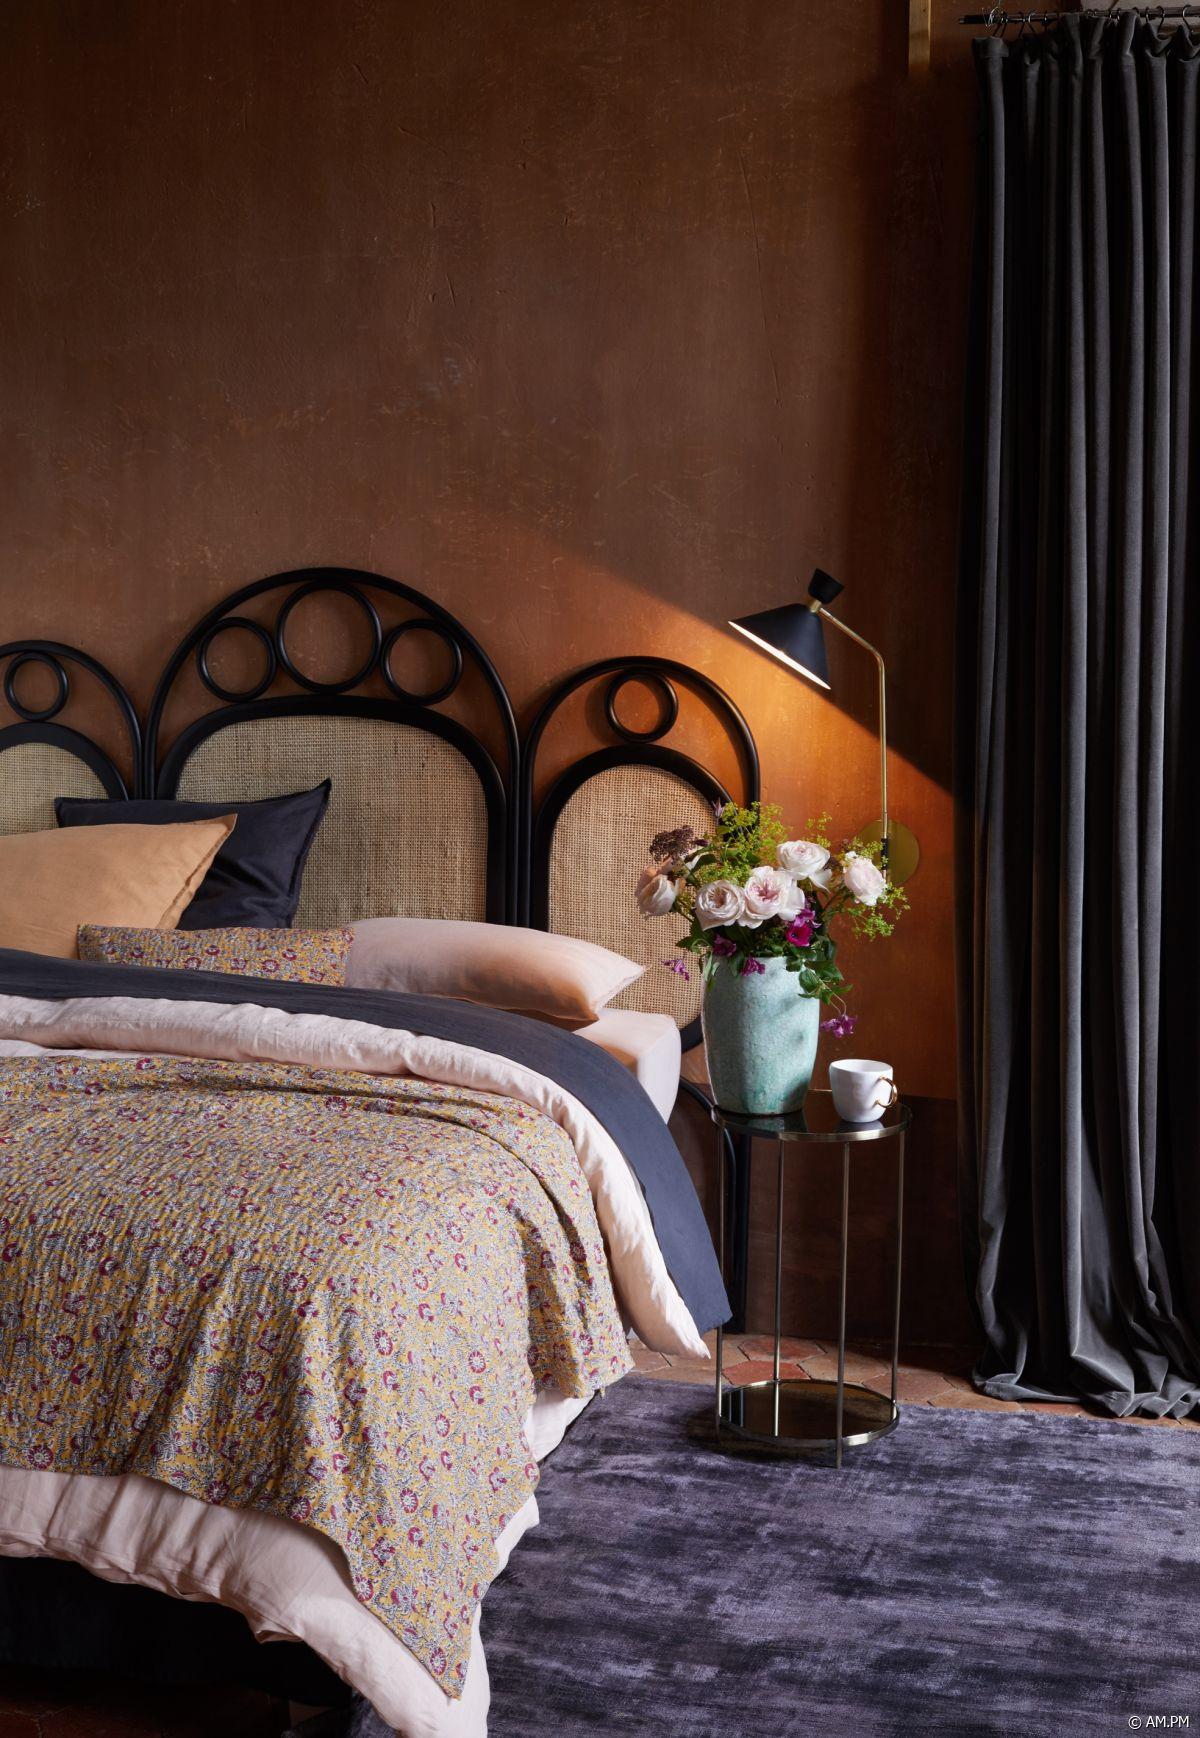 Deco Chambre Style Cottage Anglais moisissure dans la chambre : comment s'en débarrasser ? - 31m2